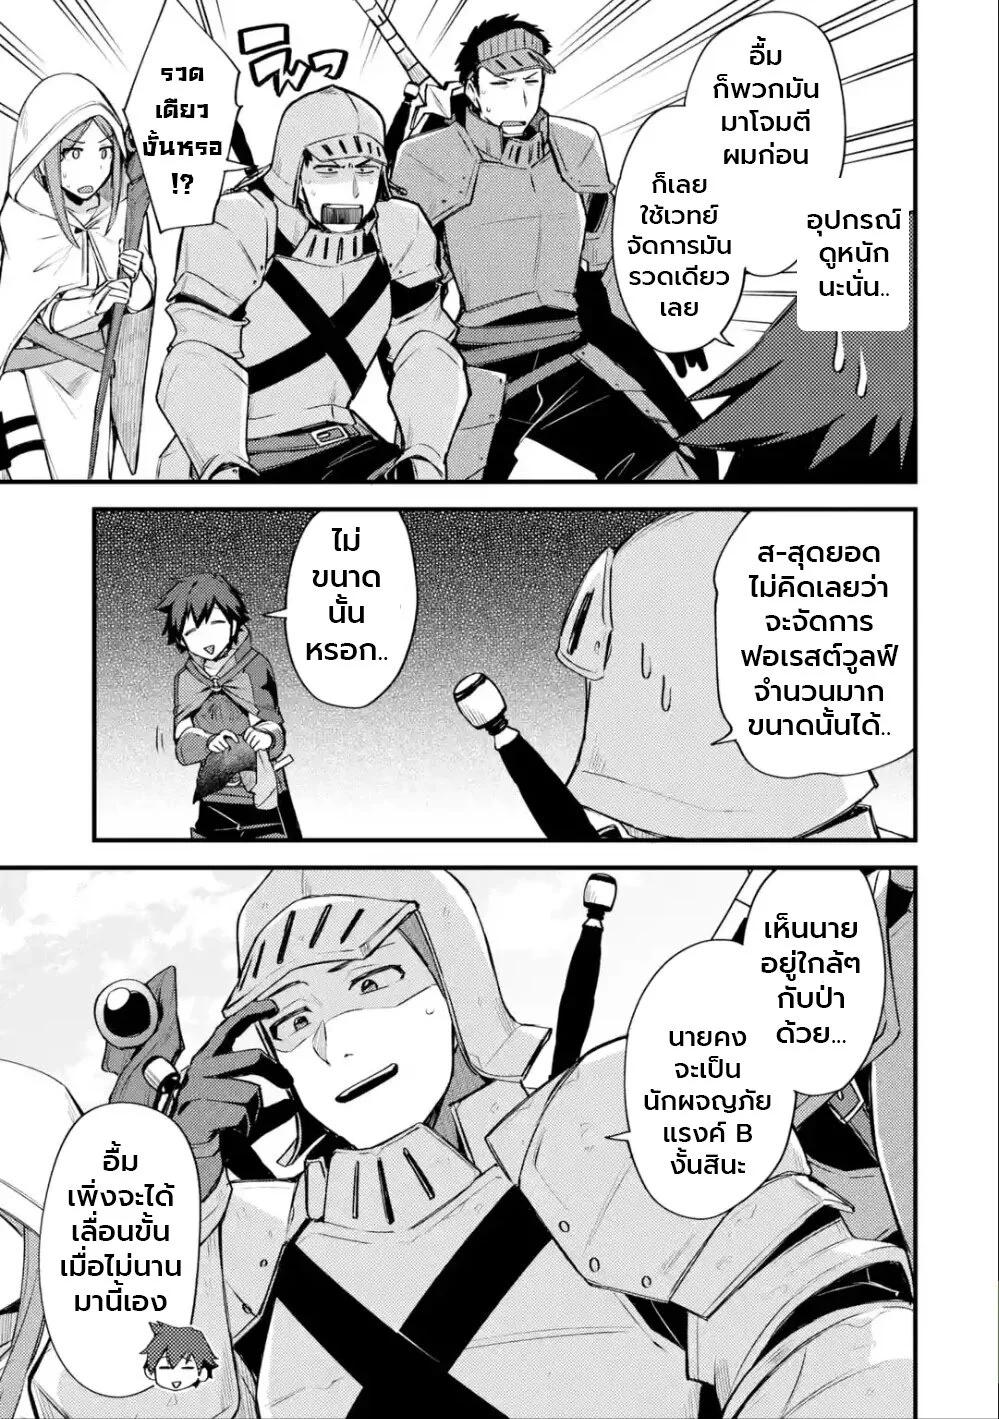 อ่านการ์ตูน Nido Tensei Shita Shounen wa S Rank Boukensha Toshite Heion ni Sugosu-zense ga kenja de eiyuu datta boku wa raisede wa jimini ikiru ตอนที่ 17 หน้าที่ 19